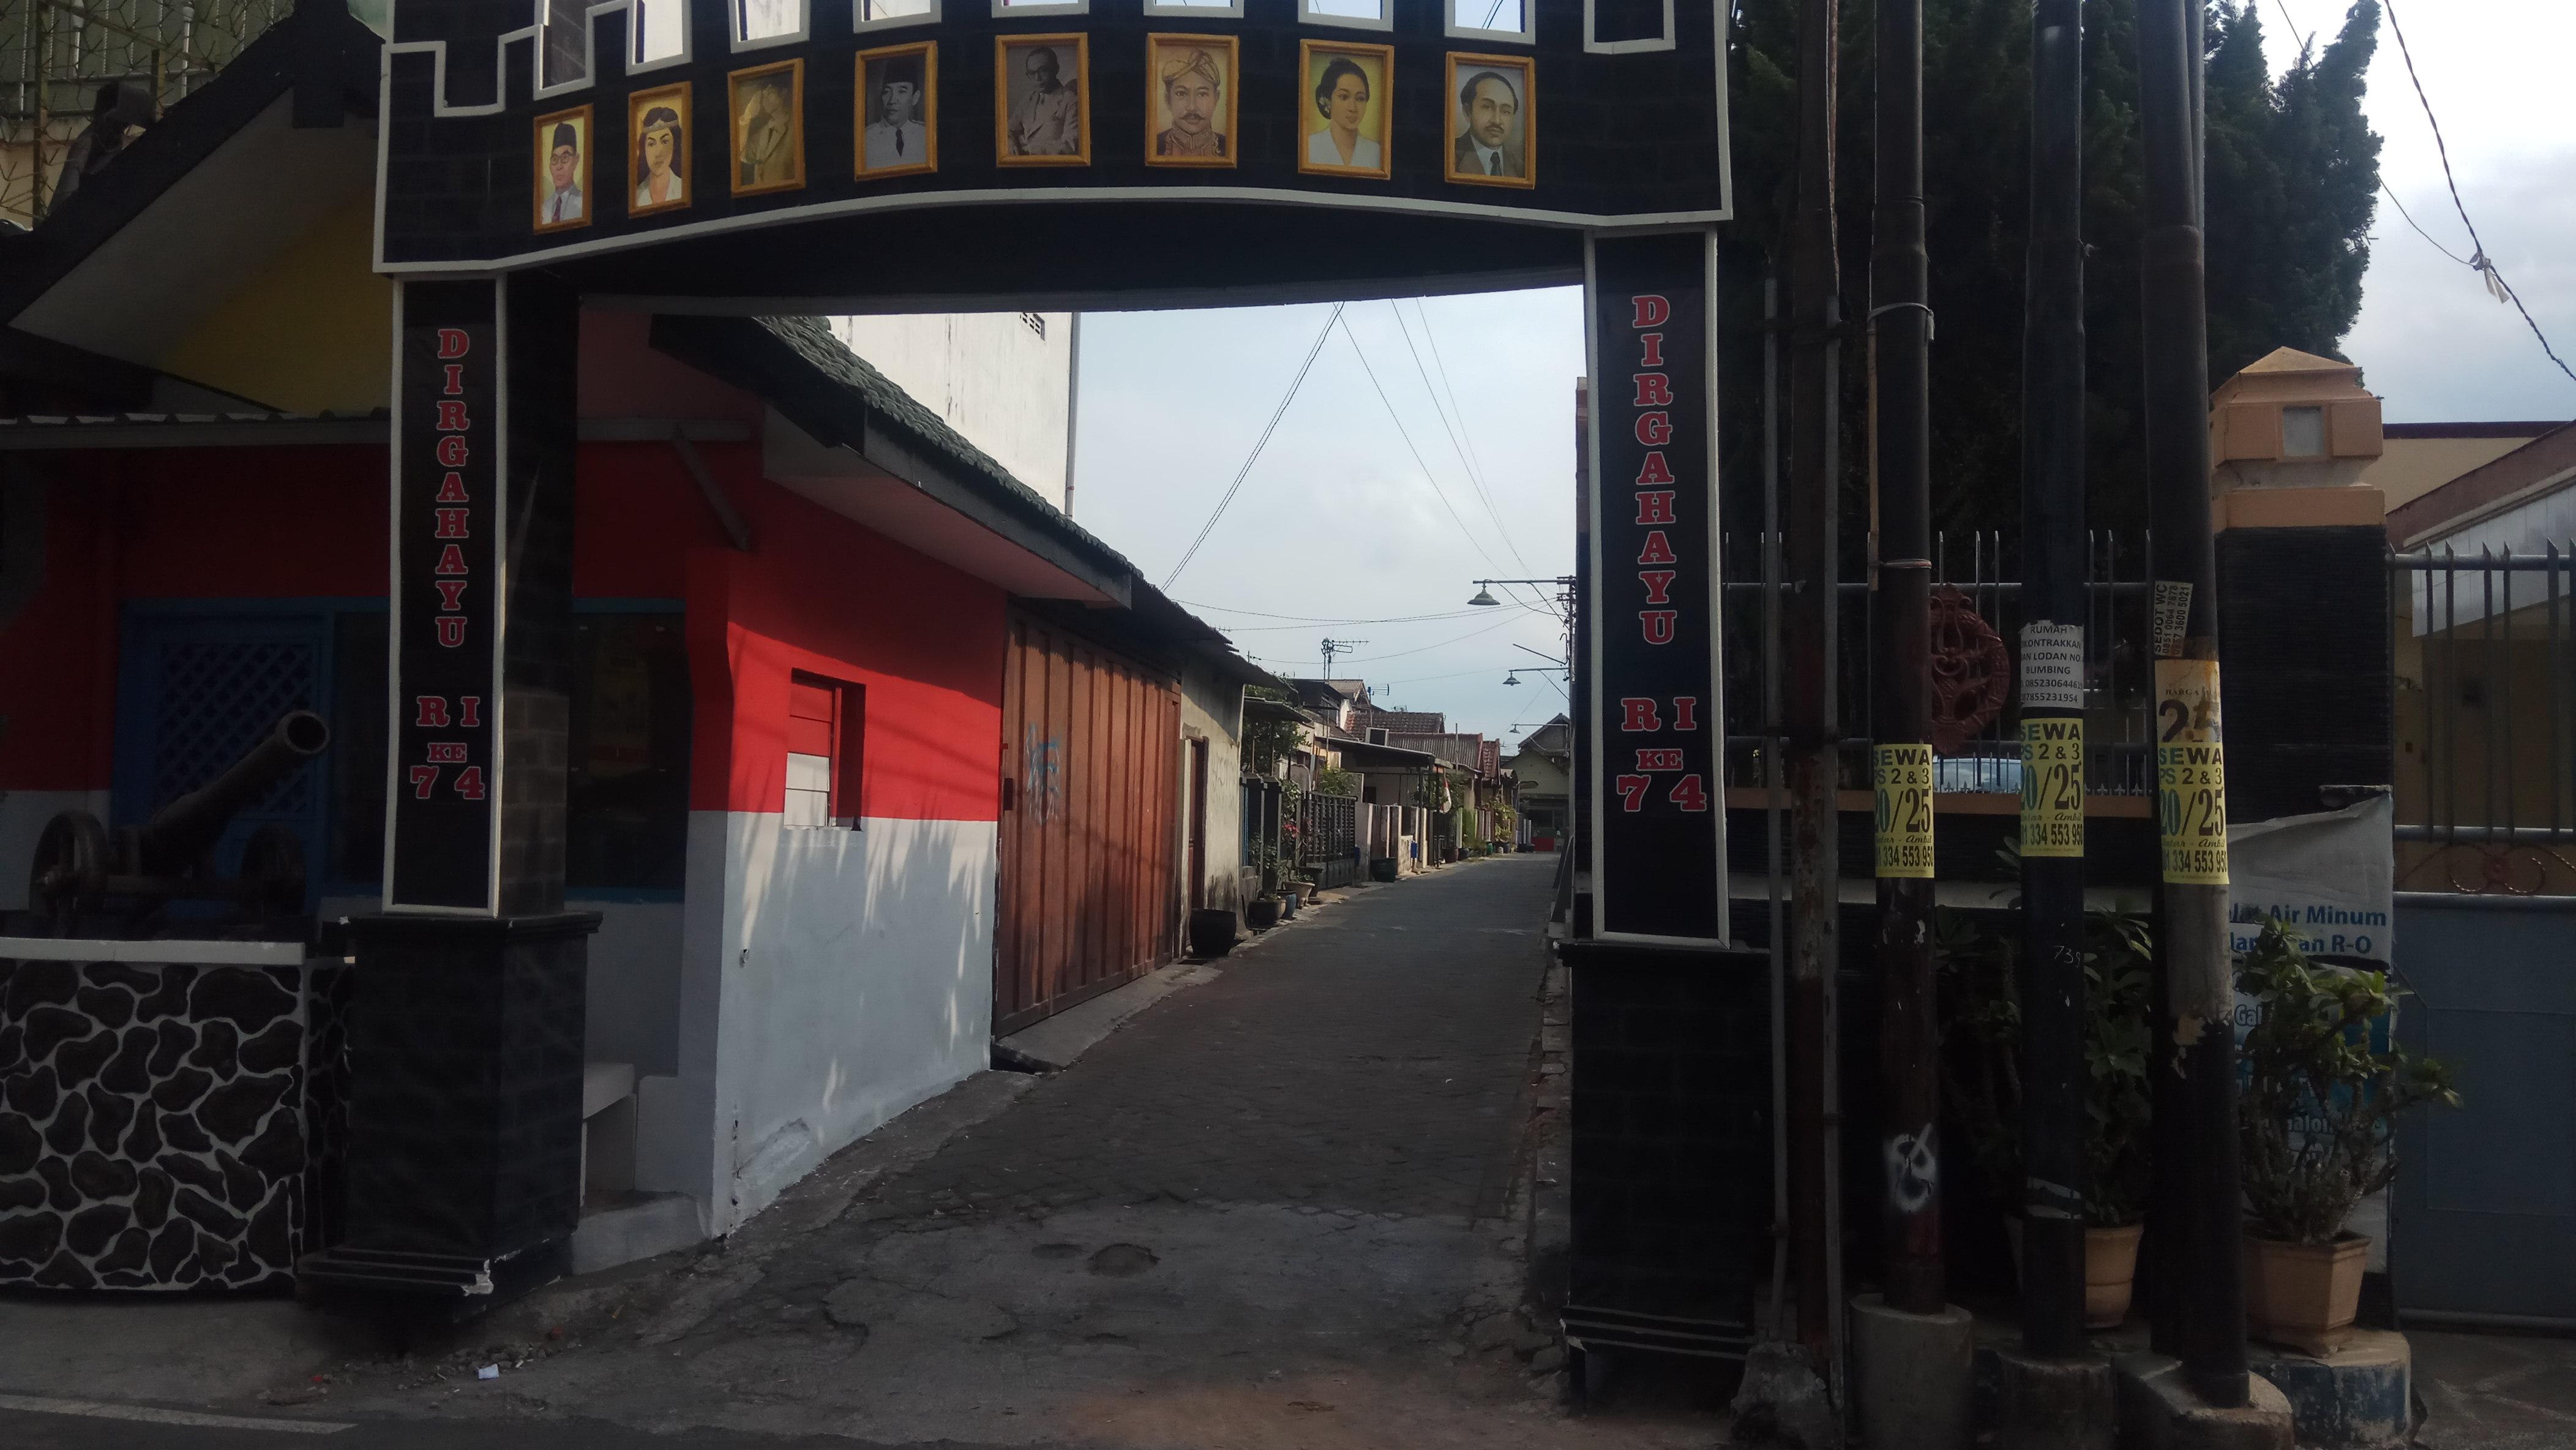 Warga Kelurahan Purwodadi Persoalkan Bangunan di Atas Fasum